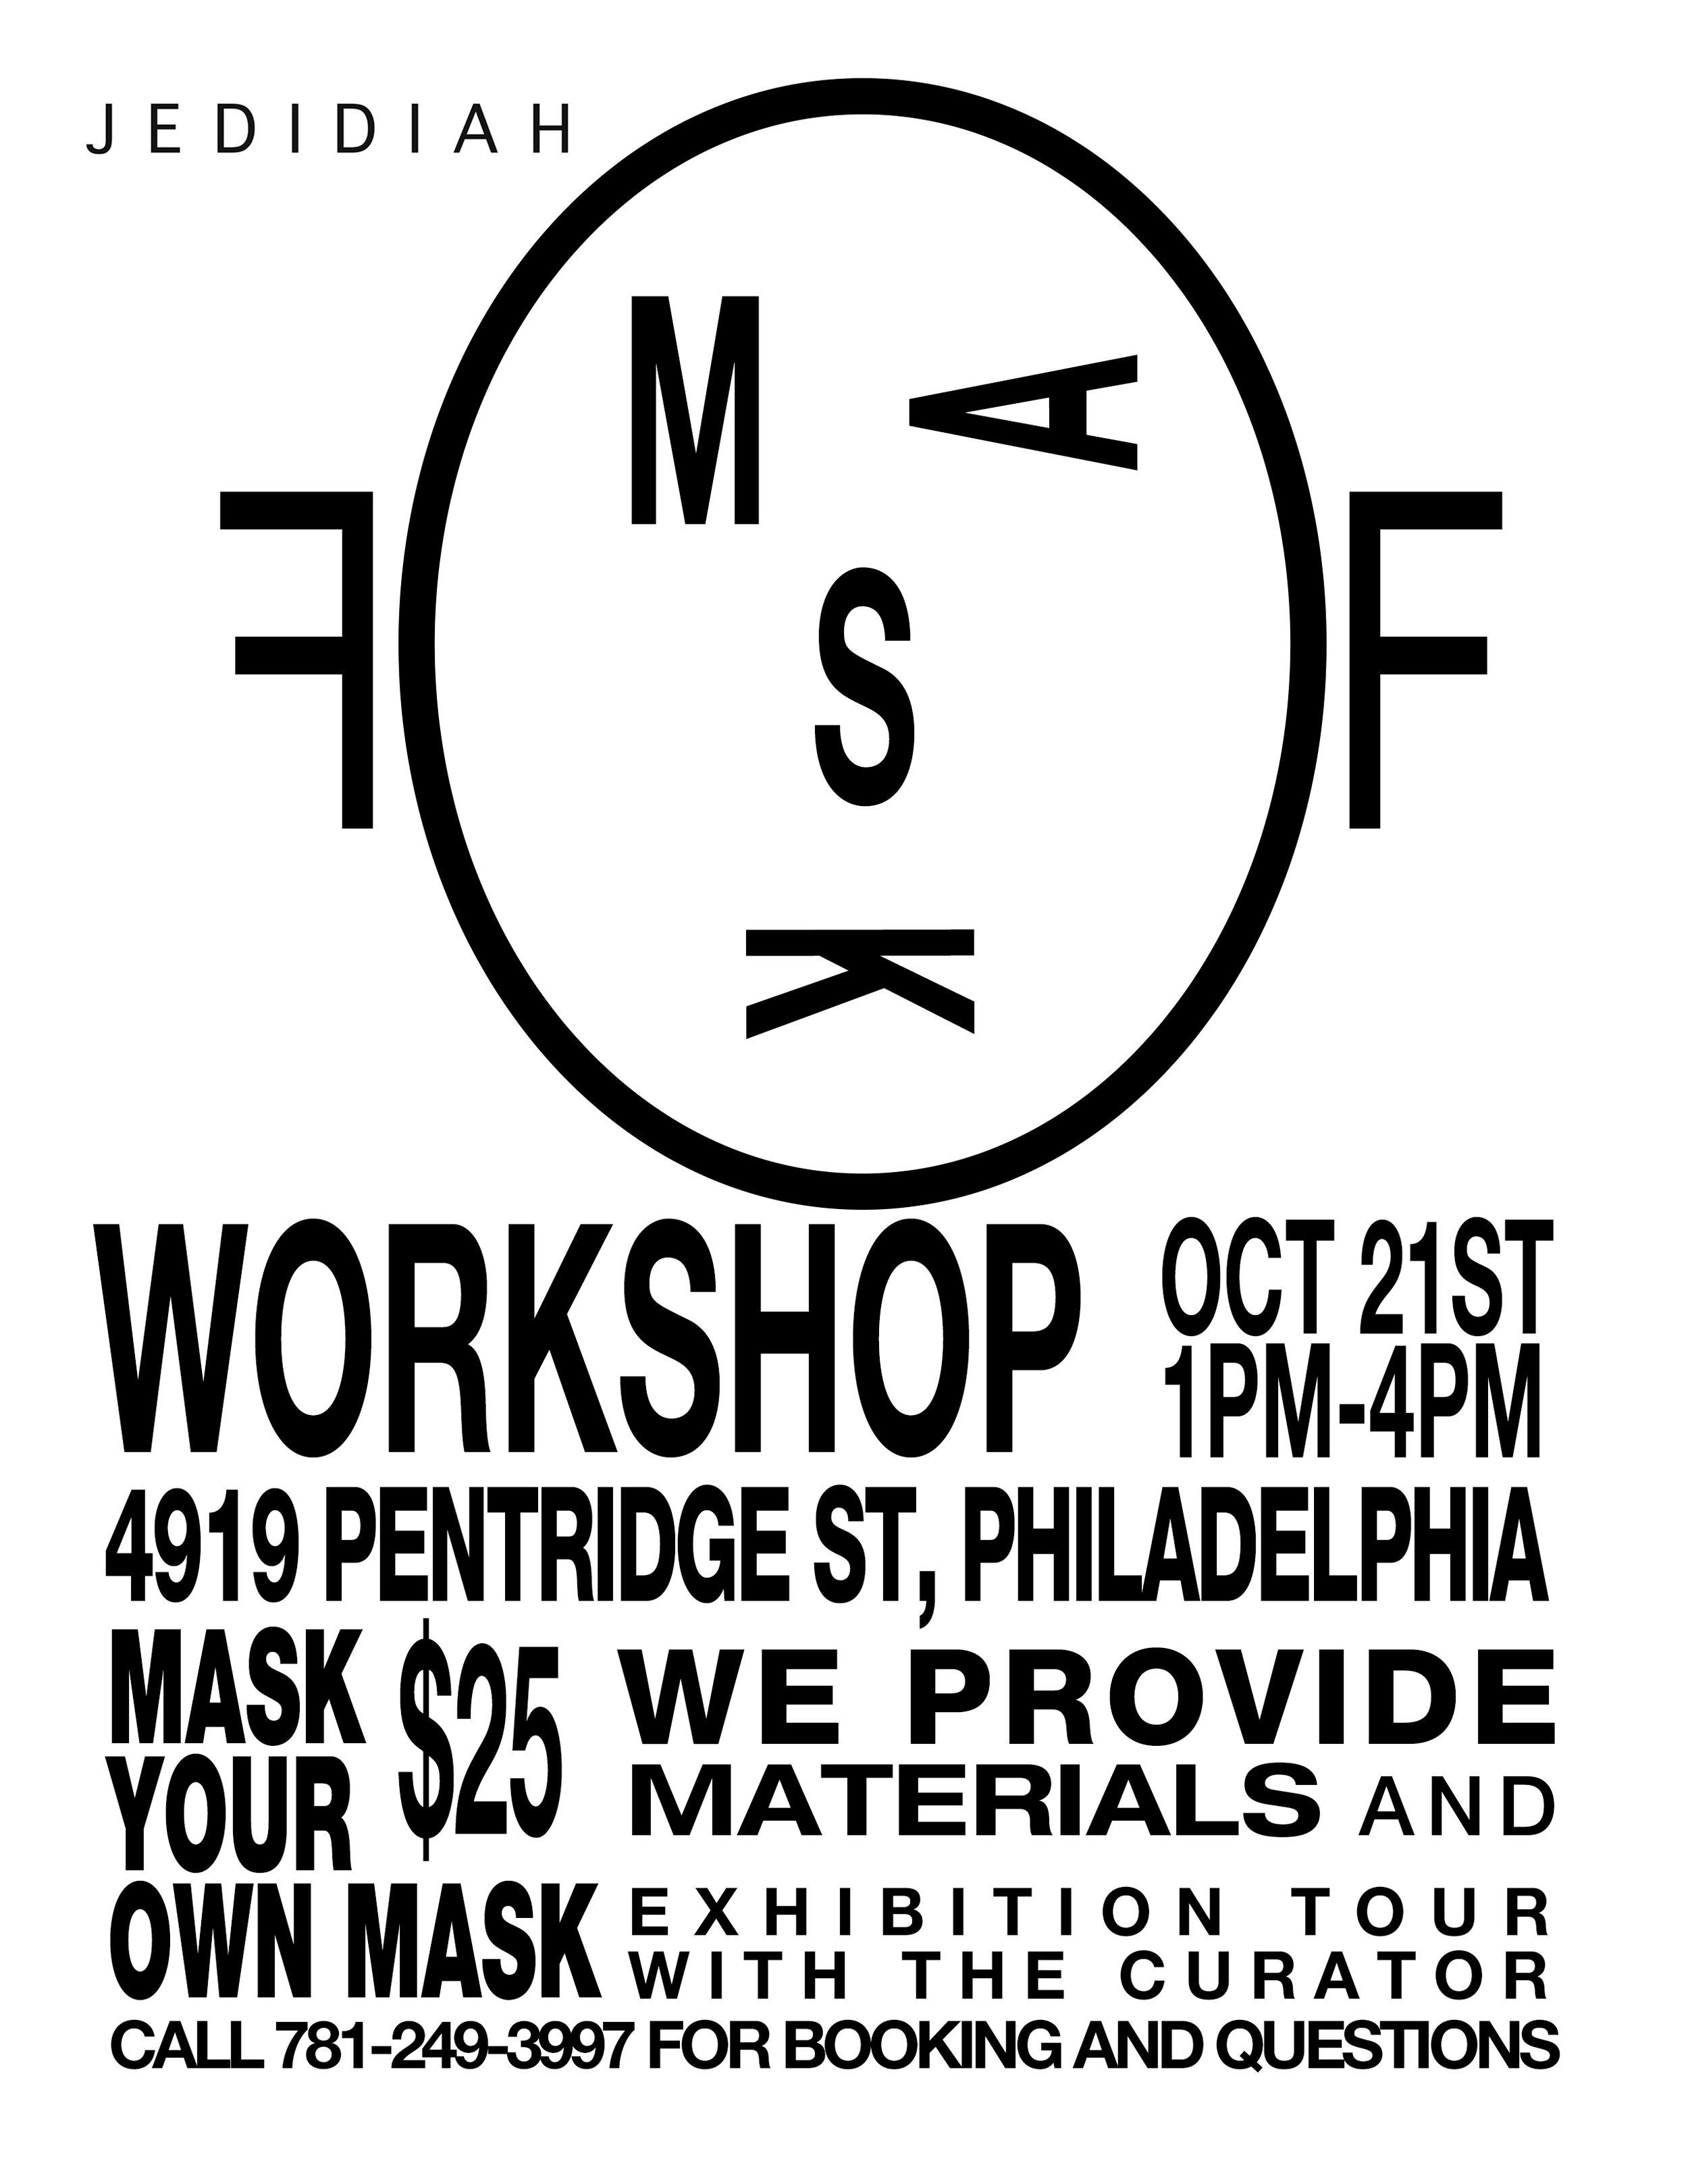 Mask-Off Workshop